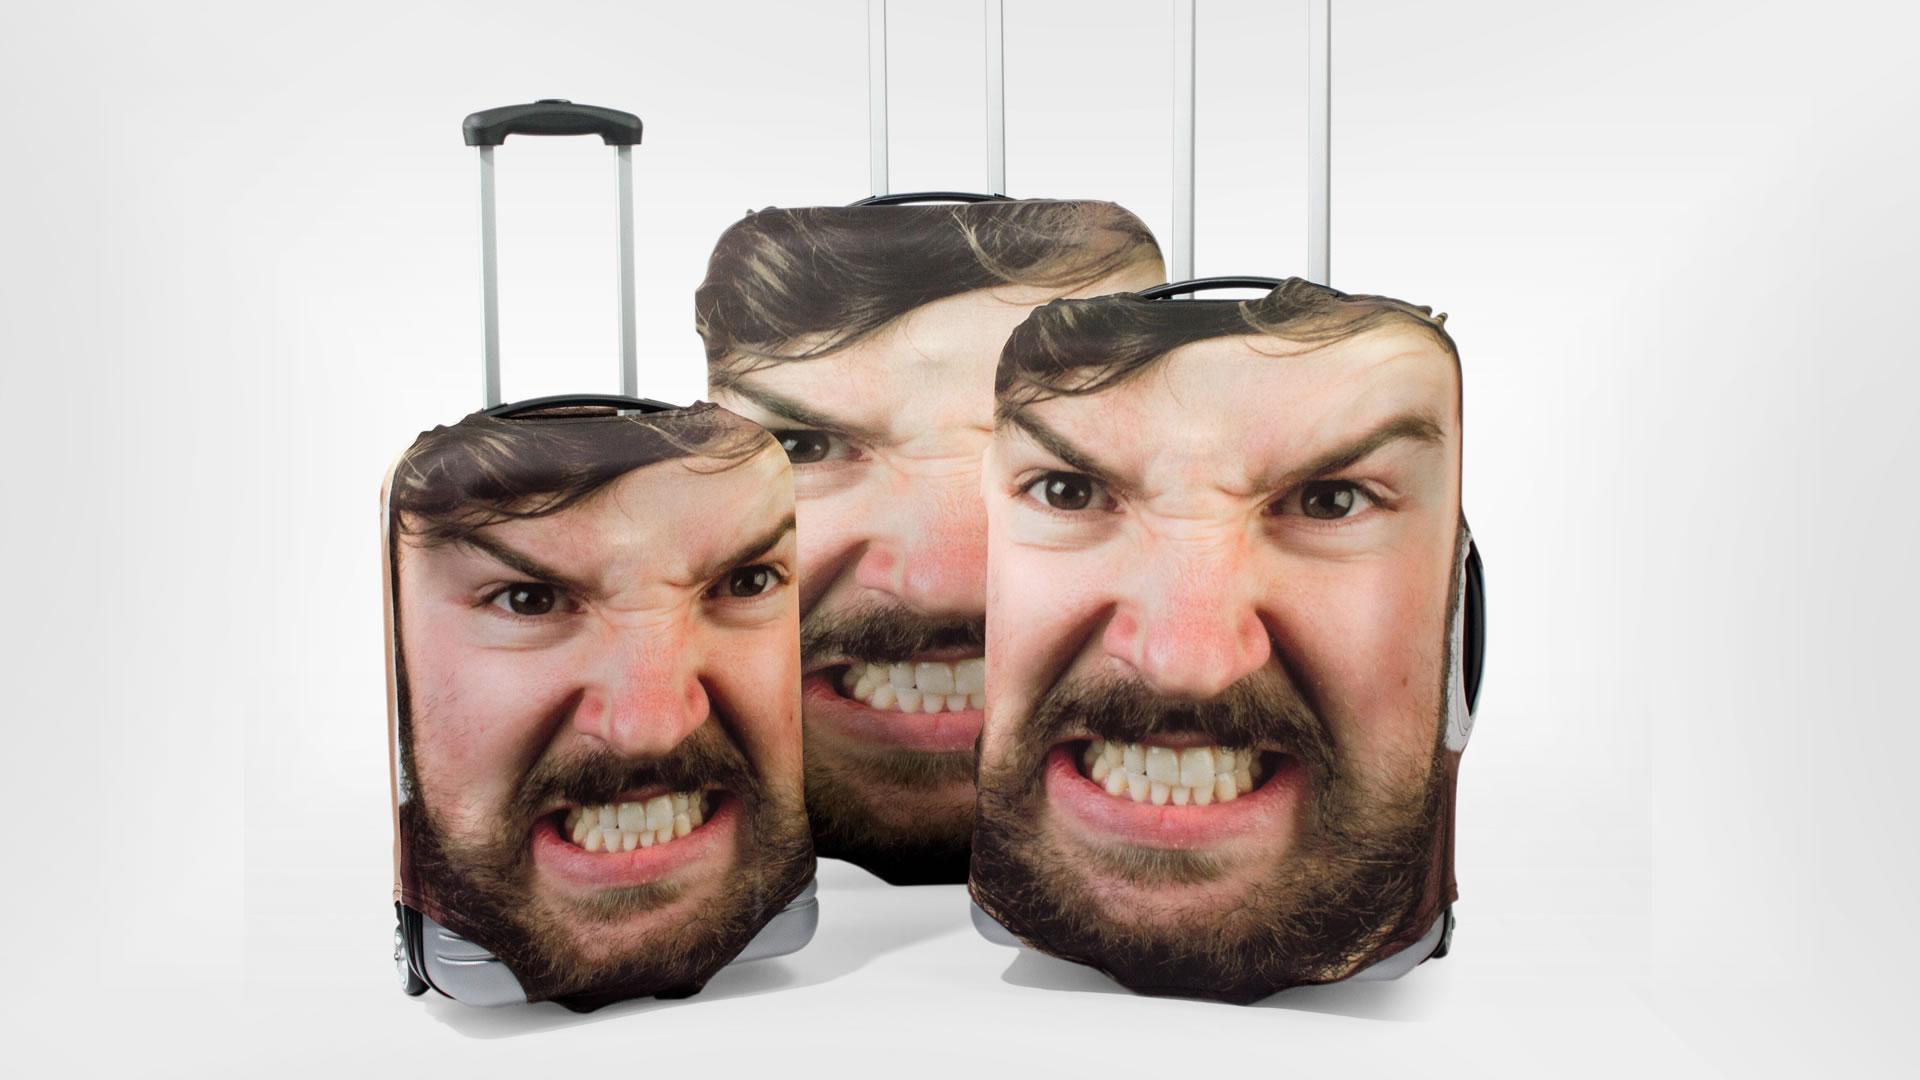 Podemos poner nuestra cara en el equipaje, y así nunca más perderlo